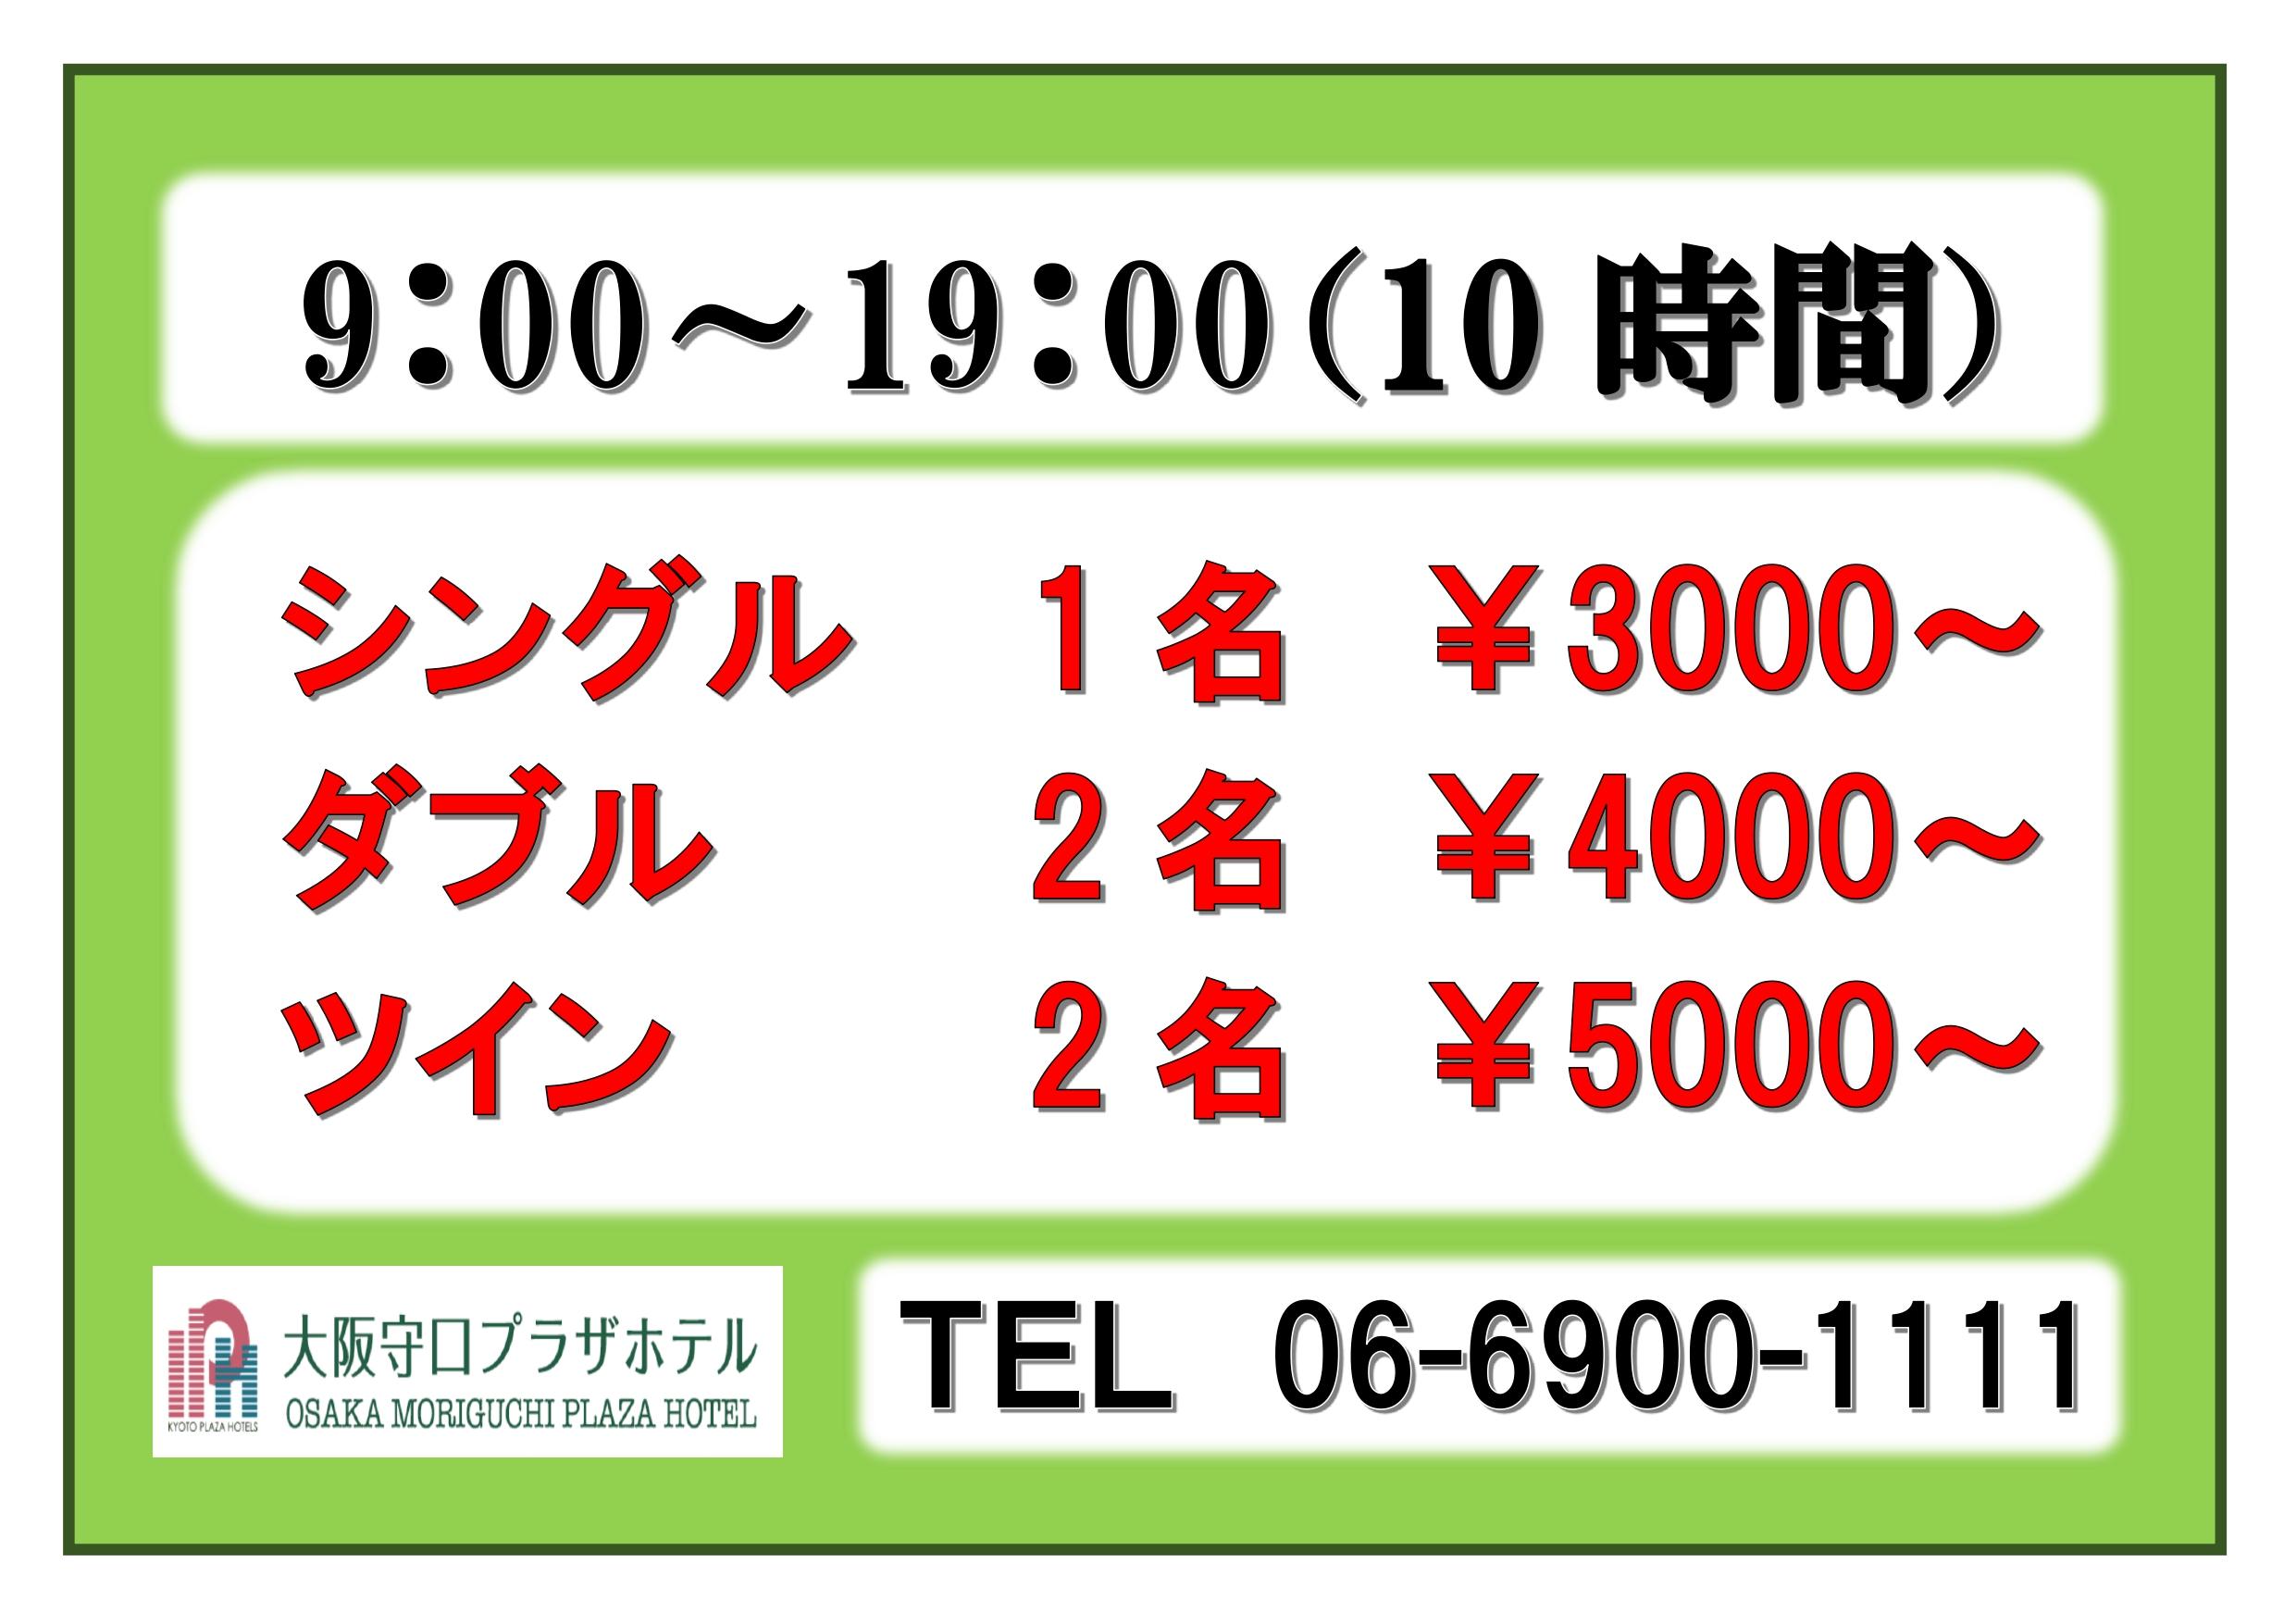 繝・う繝ヲ繝シ繧ケ縲€逵区攸_page-0002